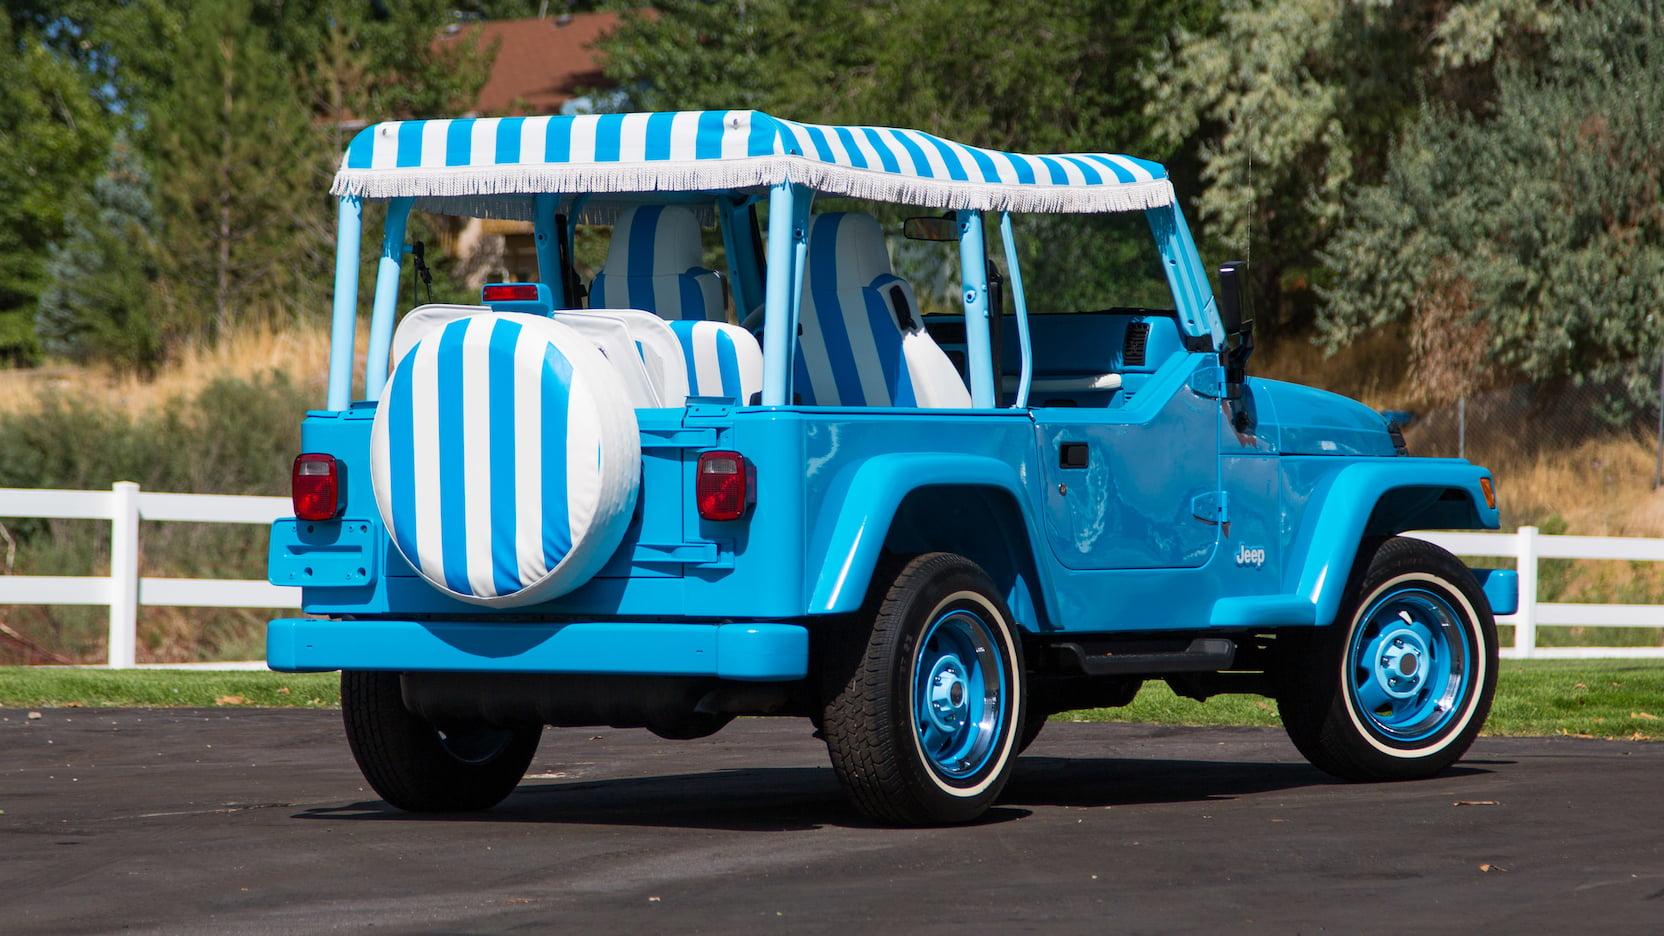 2004 Jeep Wrangler jolly rear 3.4